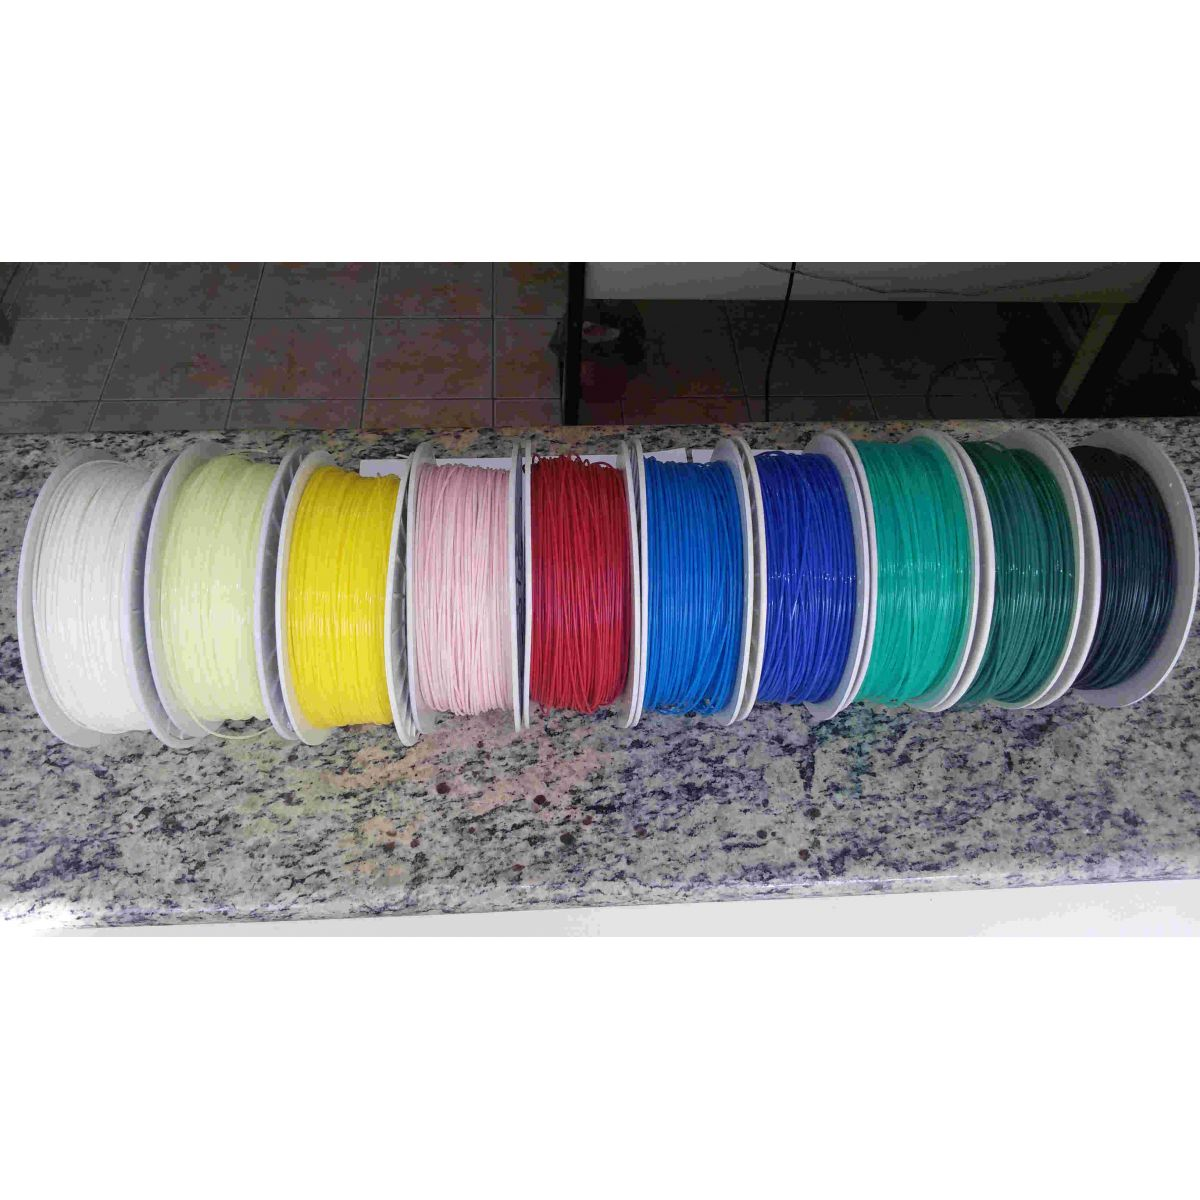 Filamento Plástico PLA 1.75mm 1KG COM CARRETEL